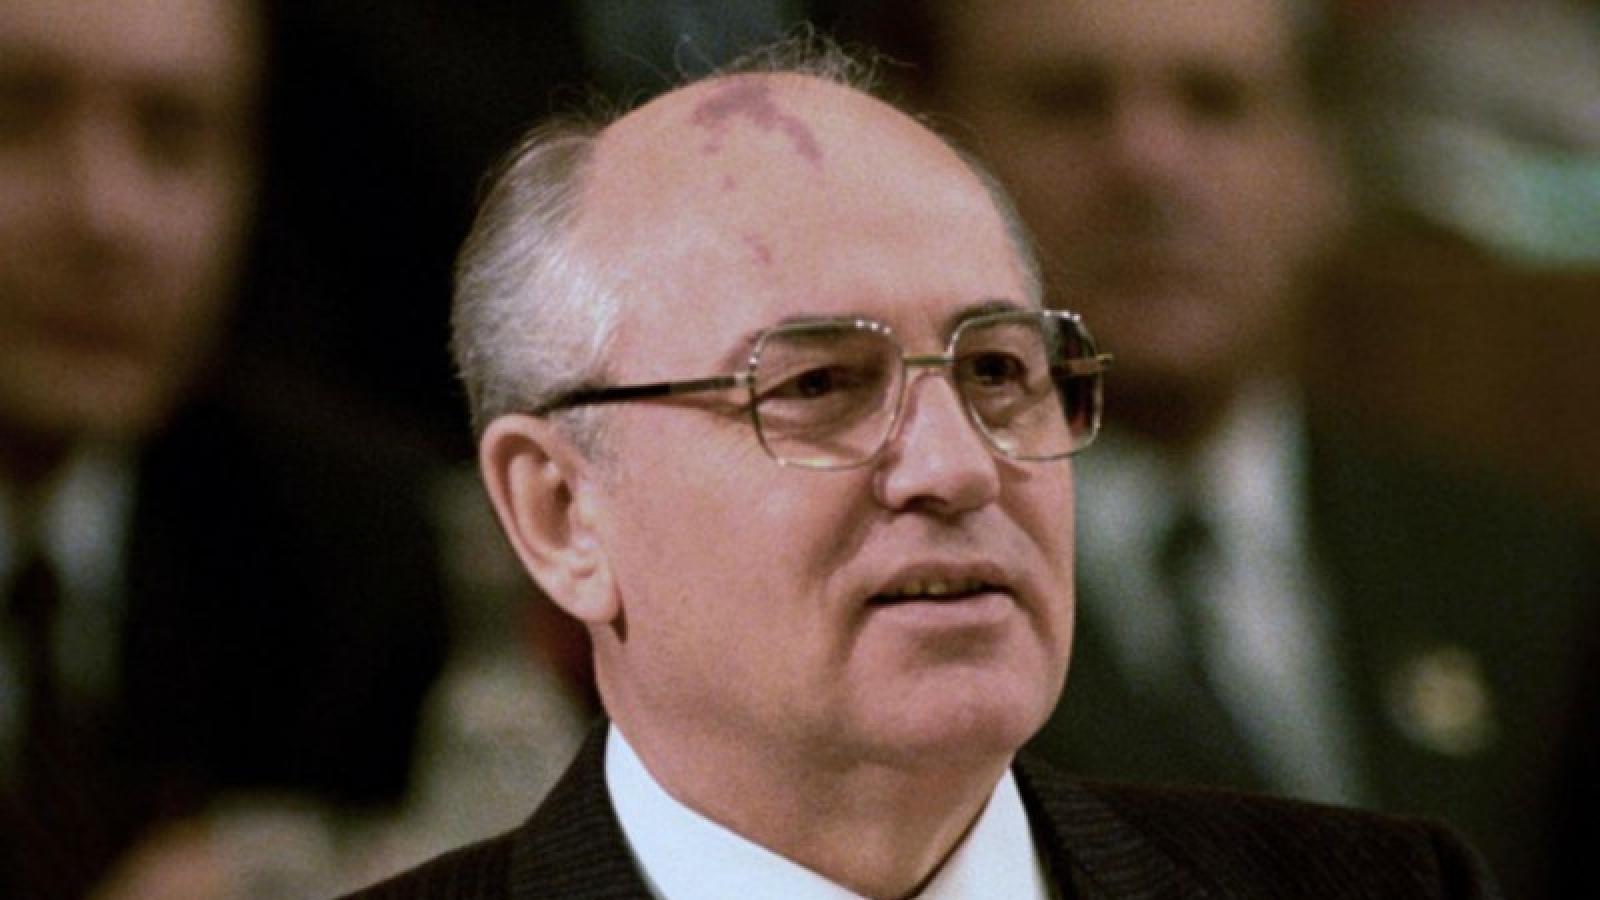 Cựu lãnh đạo Liên Xô: Các nước nên giảm chi phí quân sự để đối phó Covid-19